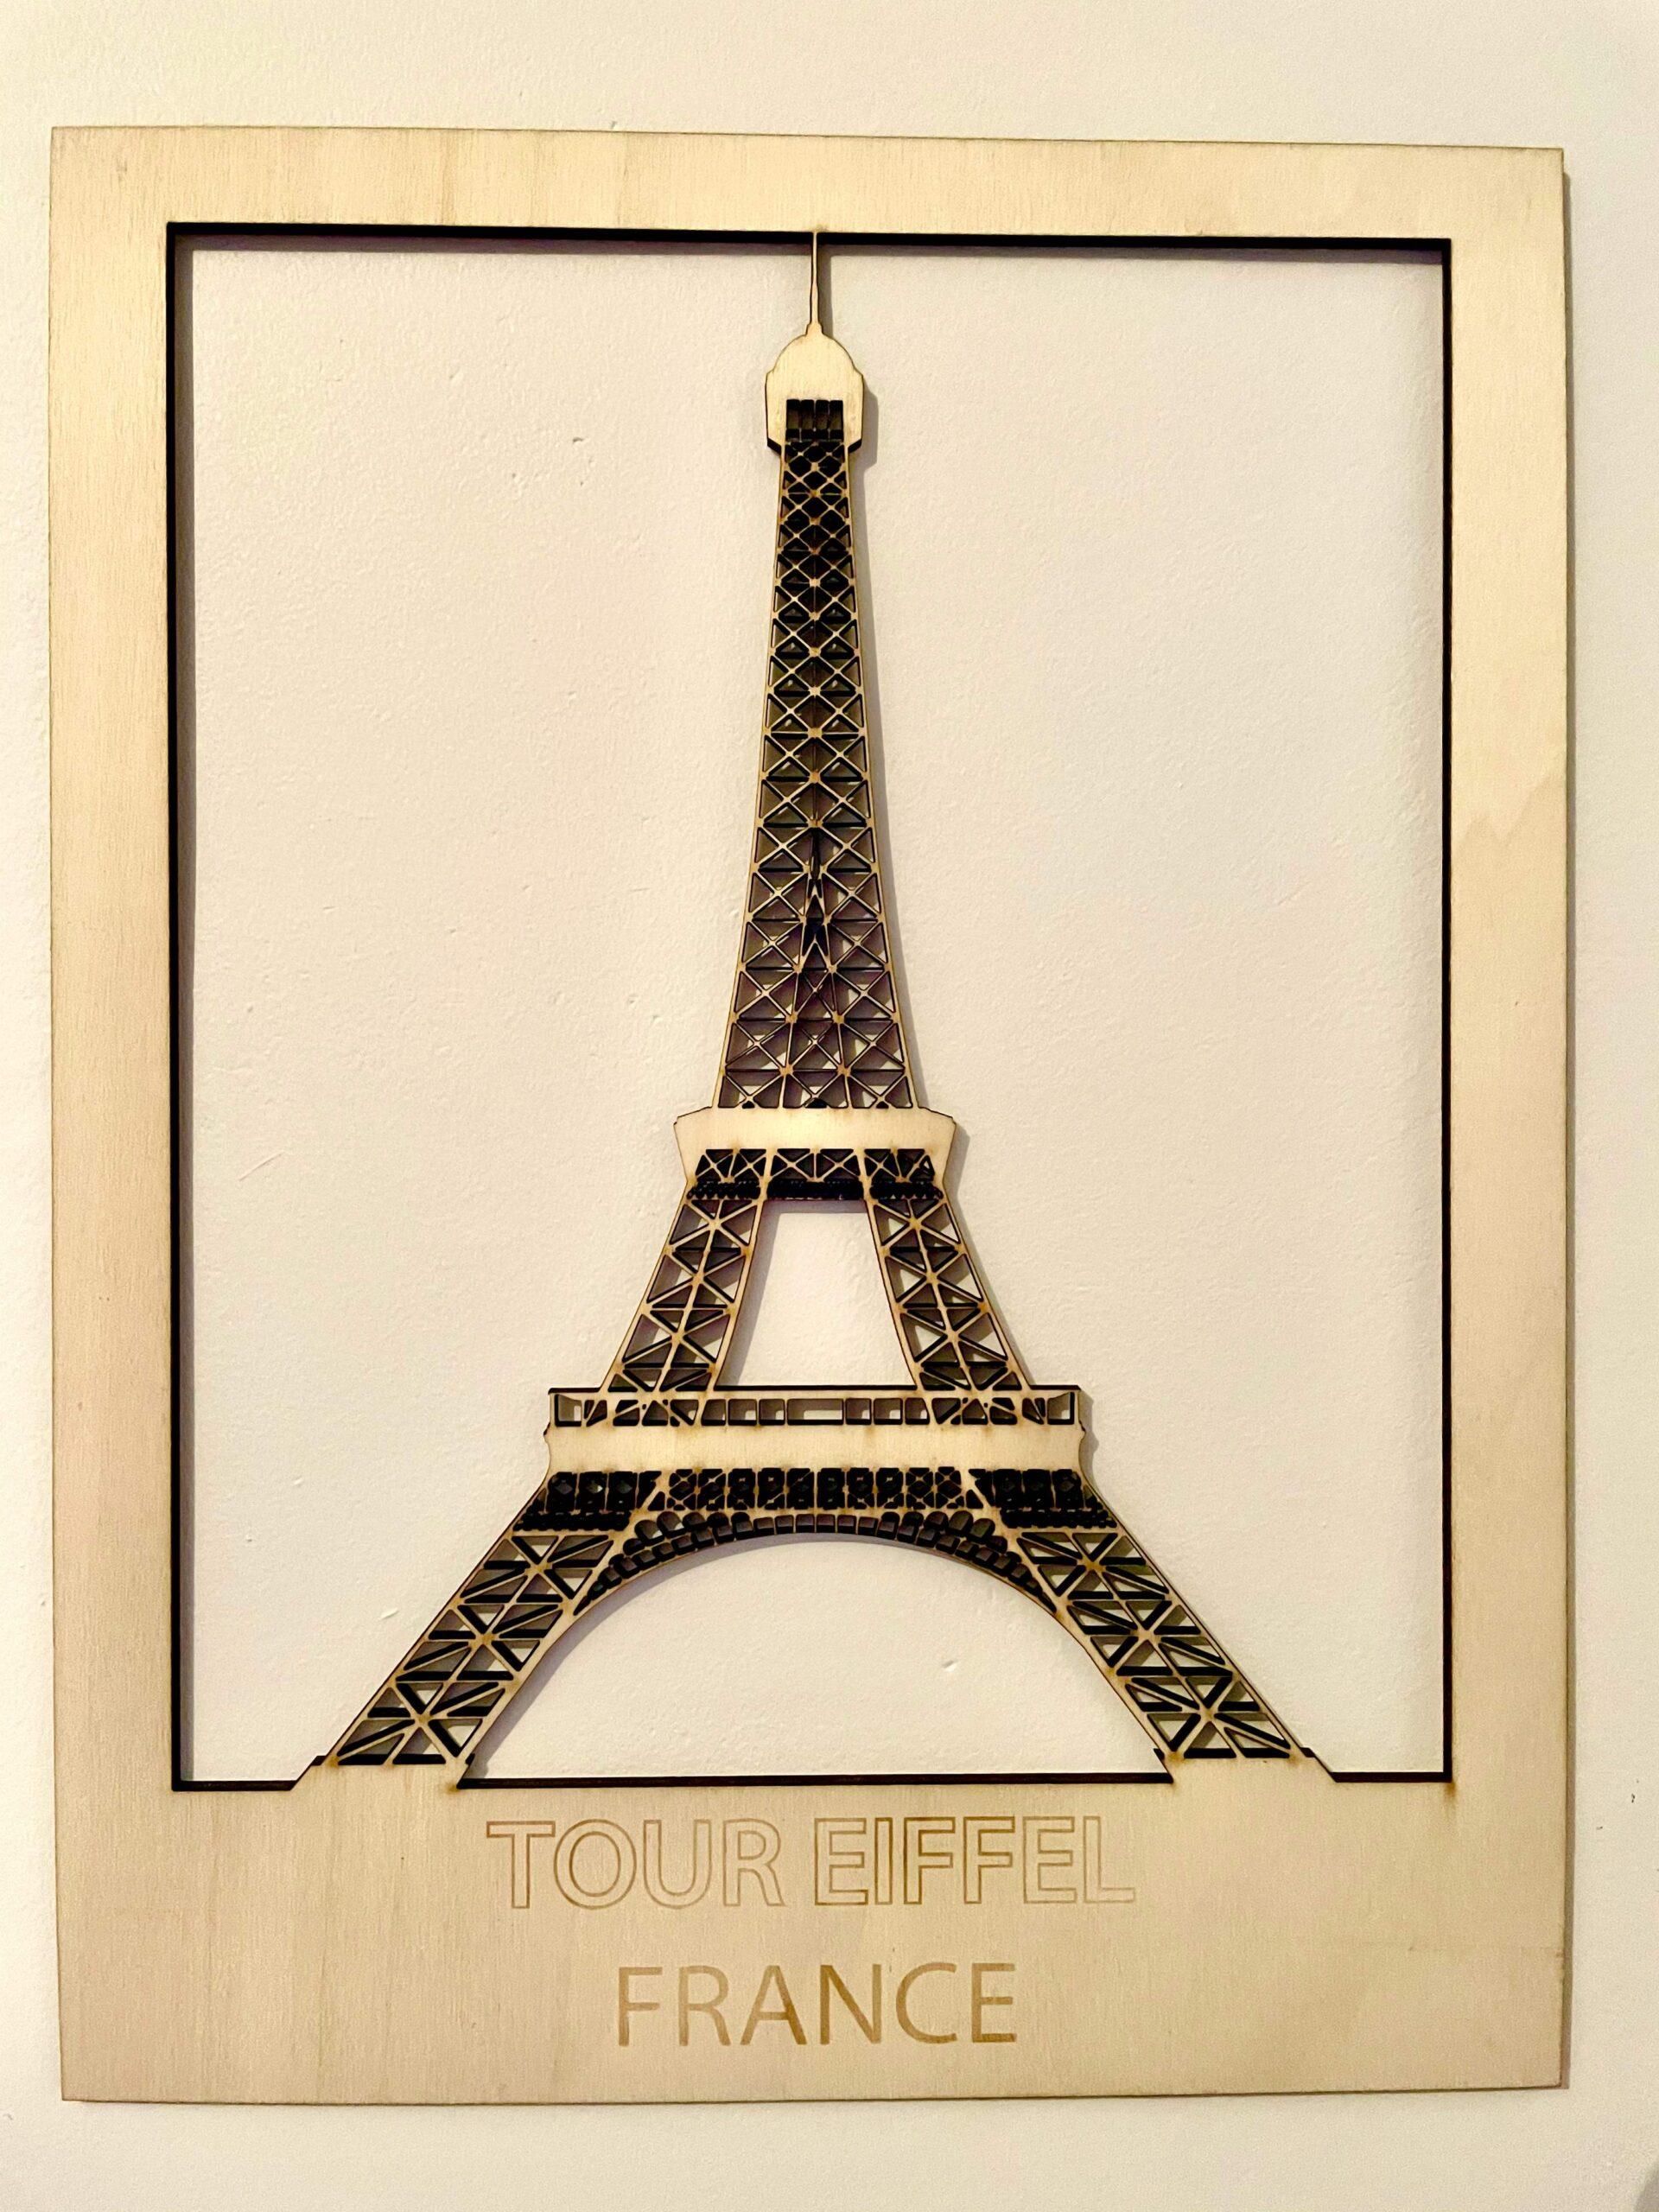 Monument de France Tour Eiffel Paris